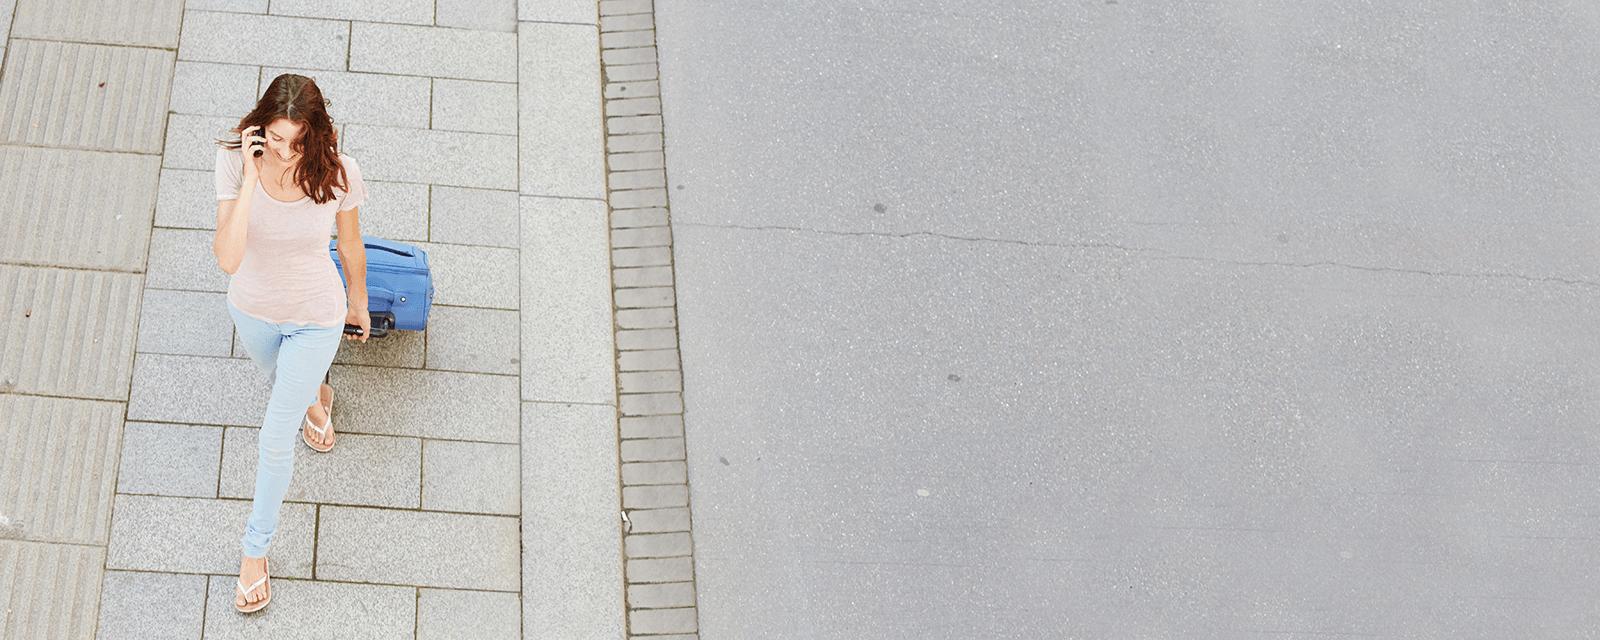 outco pavement repair